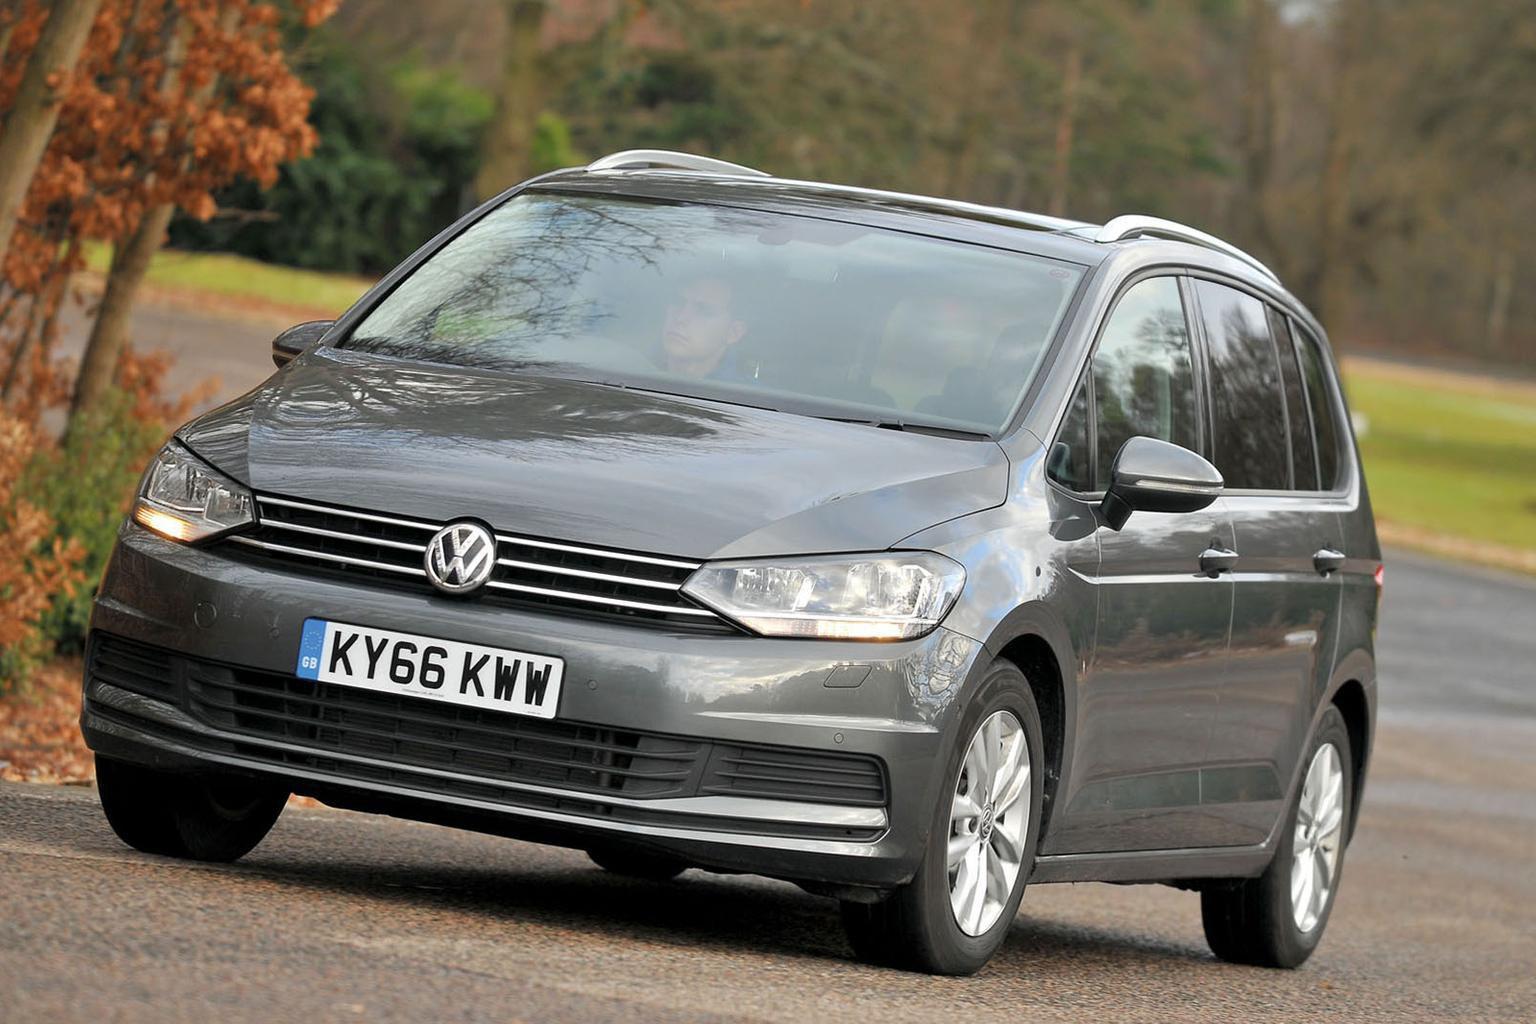 9: Volkswagen Touran 1.6 TDI 115